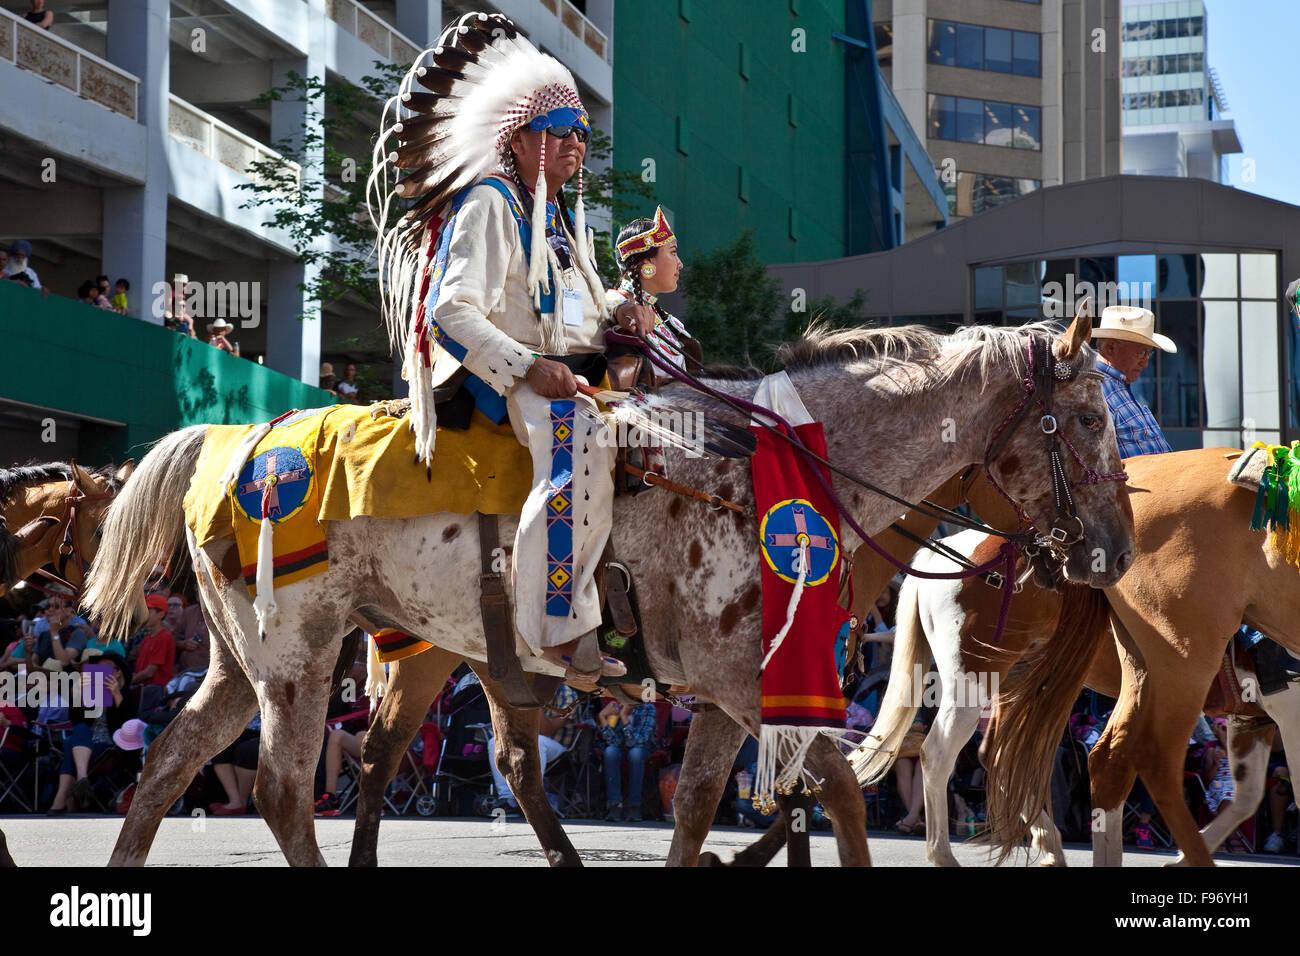 2015 Défilé du Stampede de Calgary, Calgary, Alberta, Canada. Photo Stock